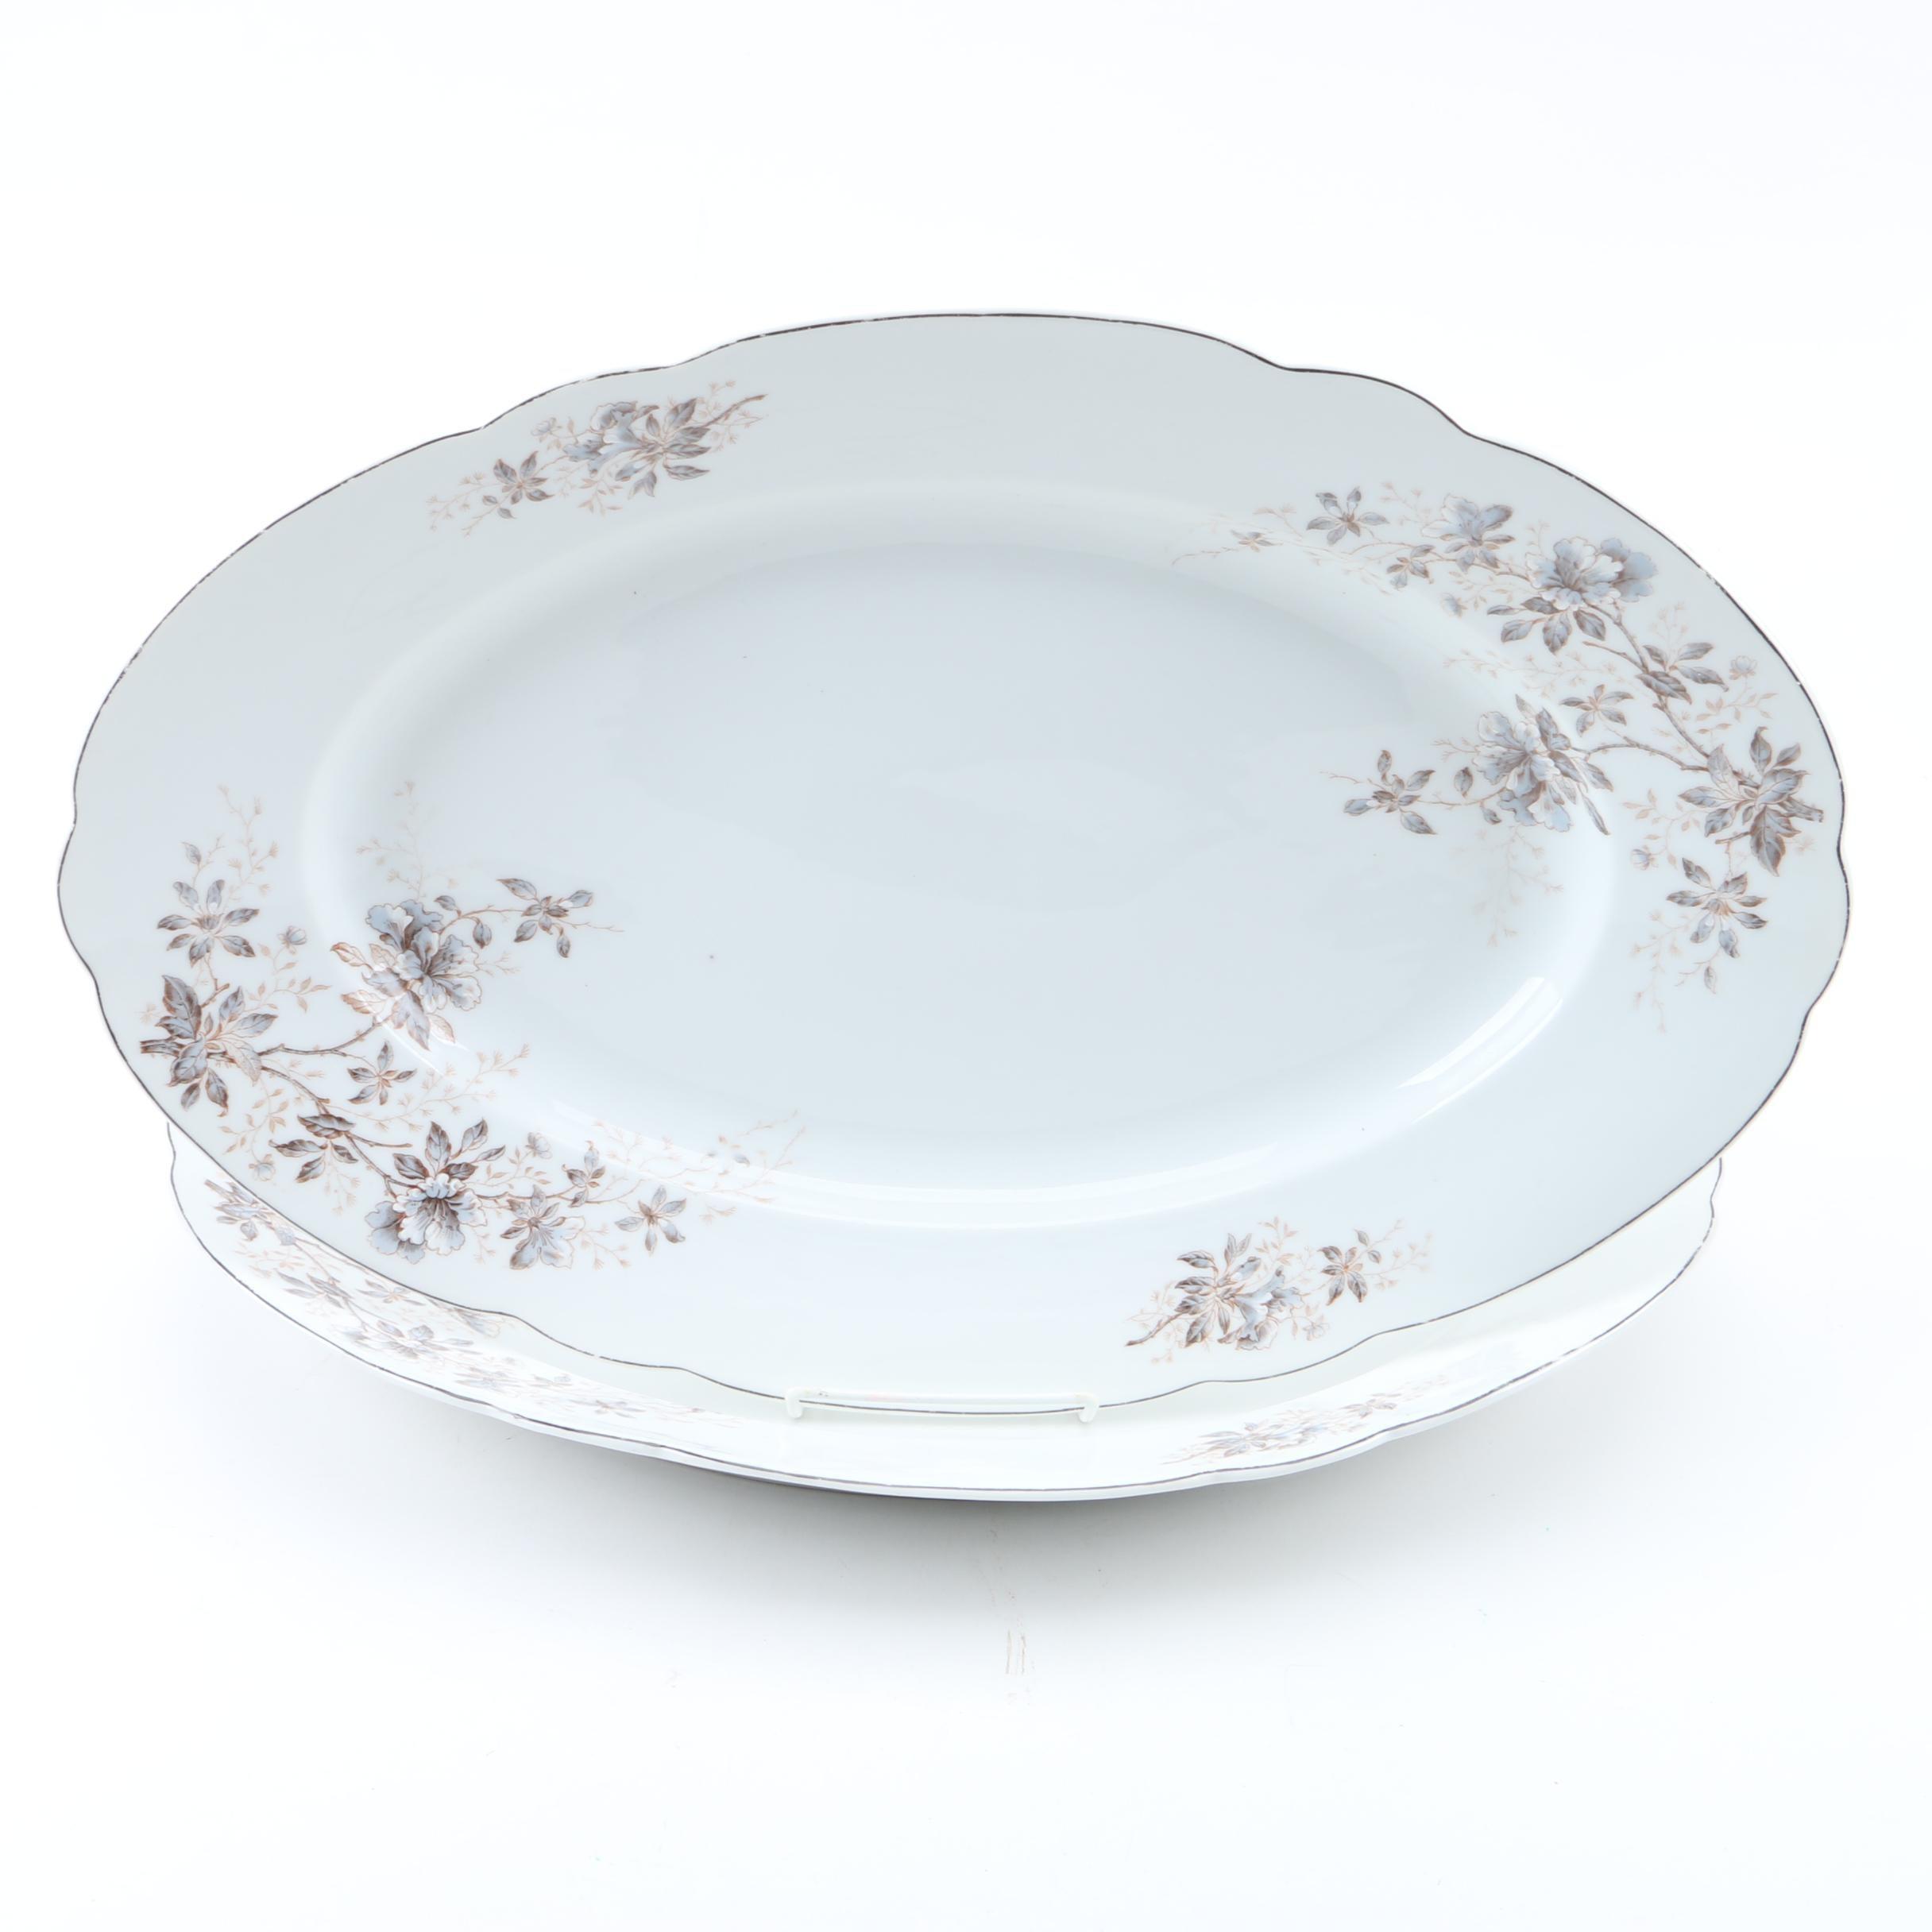 F.A. Schumann Serving Platters